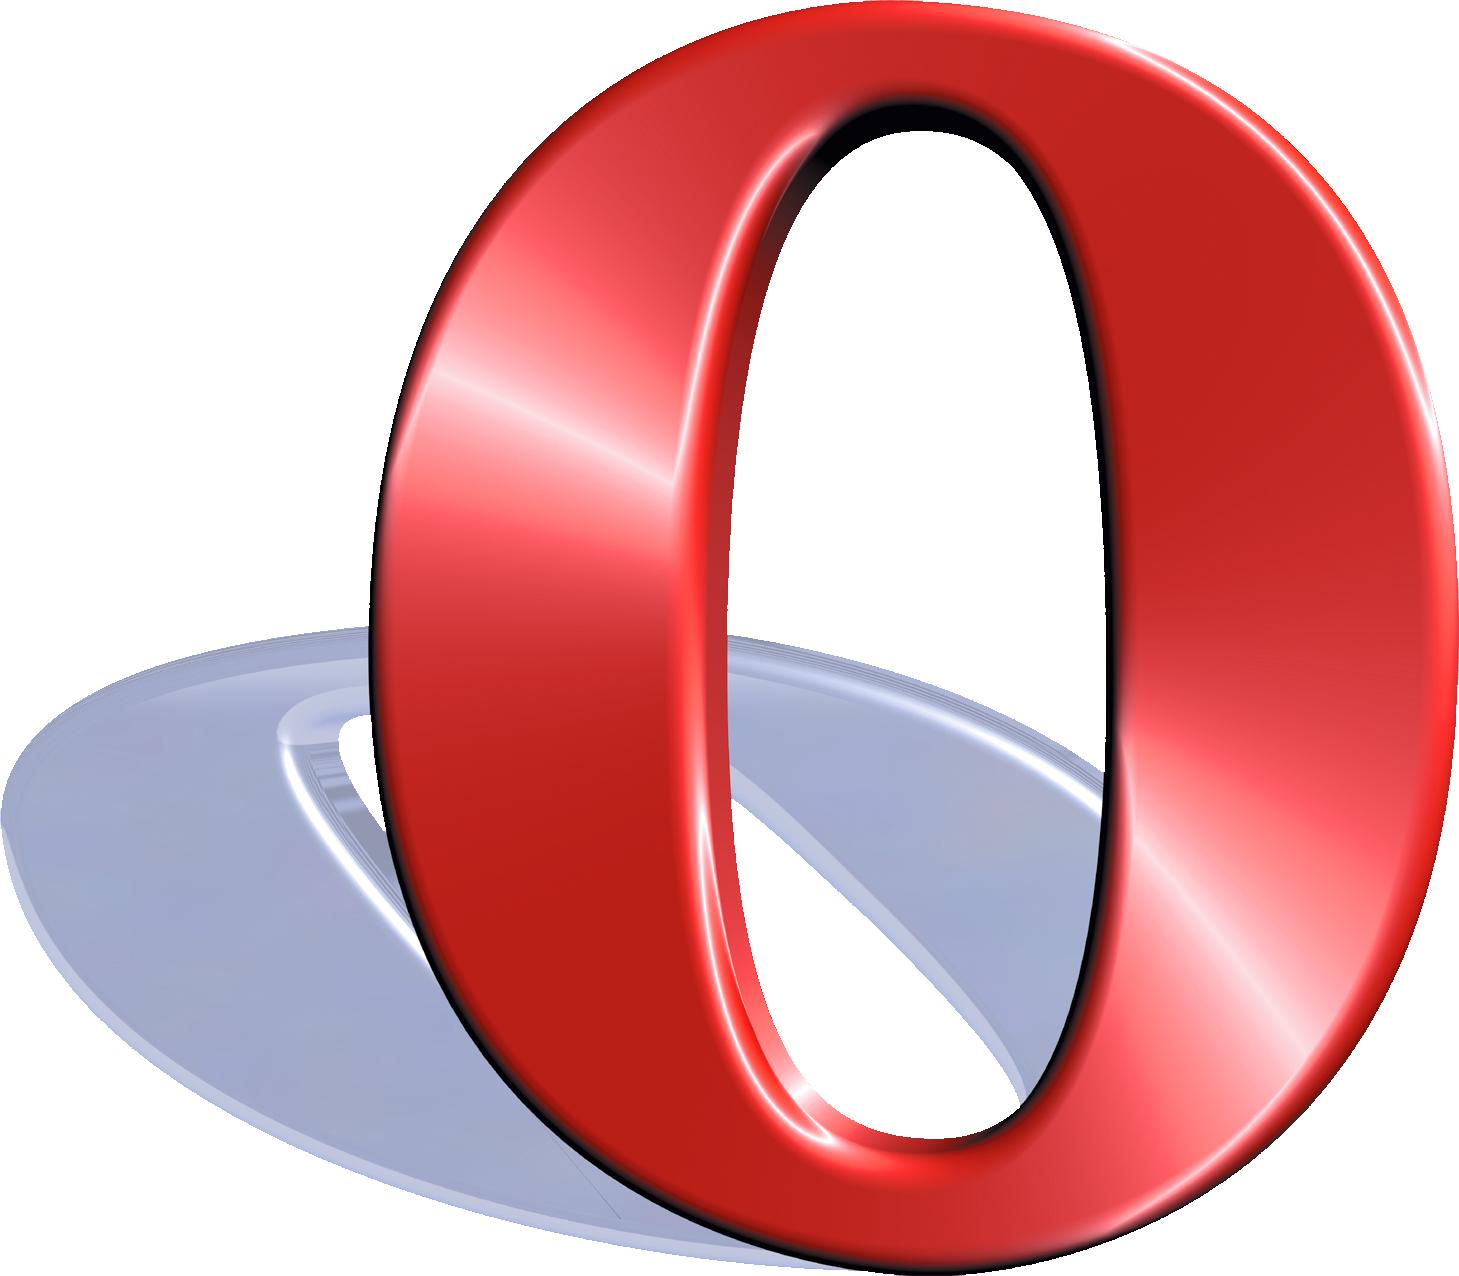 image logo opera